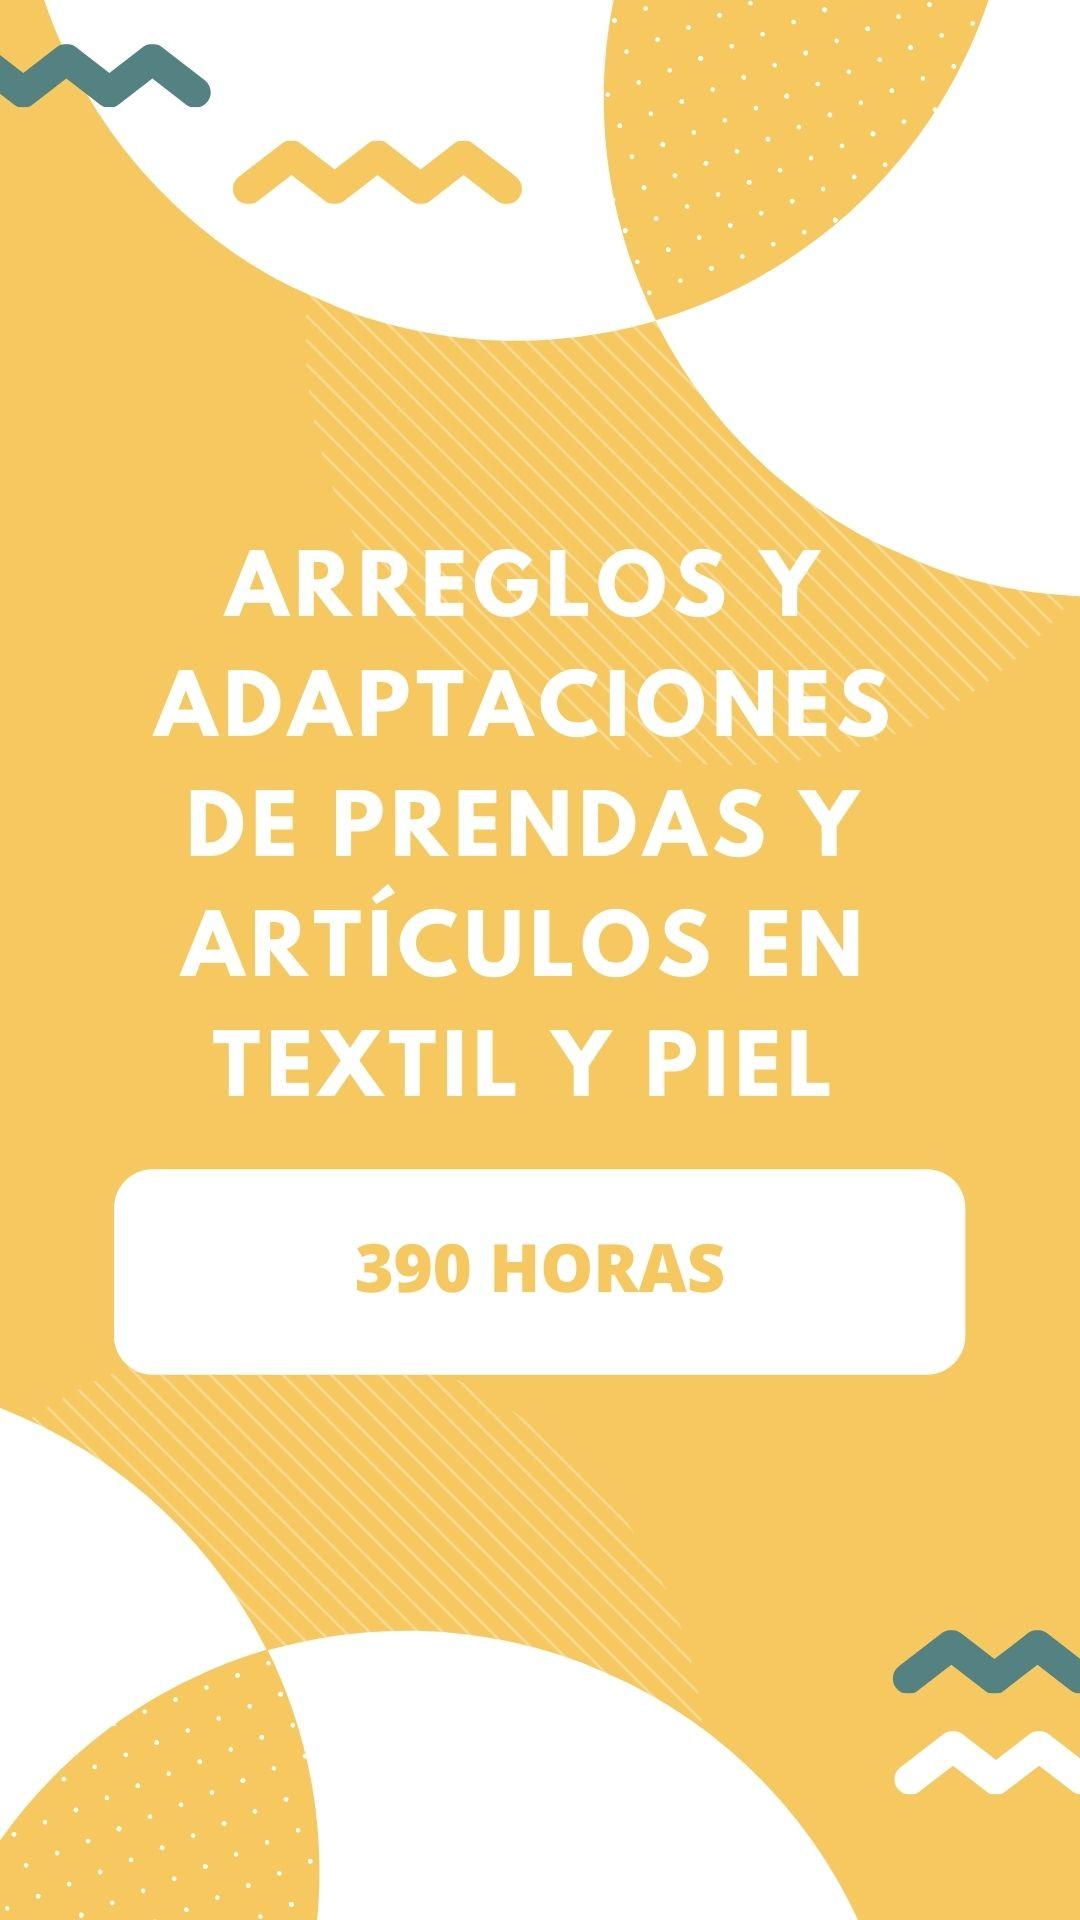 Cursos FOD en Segovia de Arreglos y Adaptaciones de Prendas y Artículos en Textil y Piel